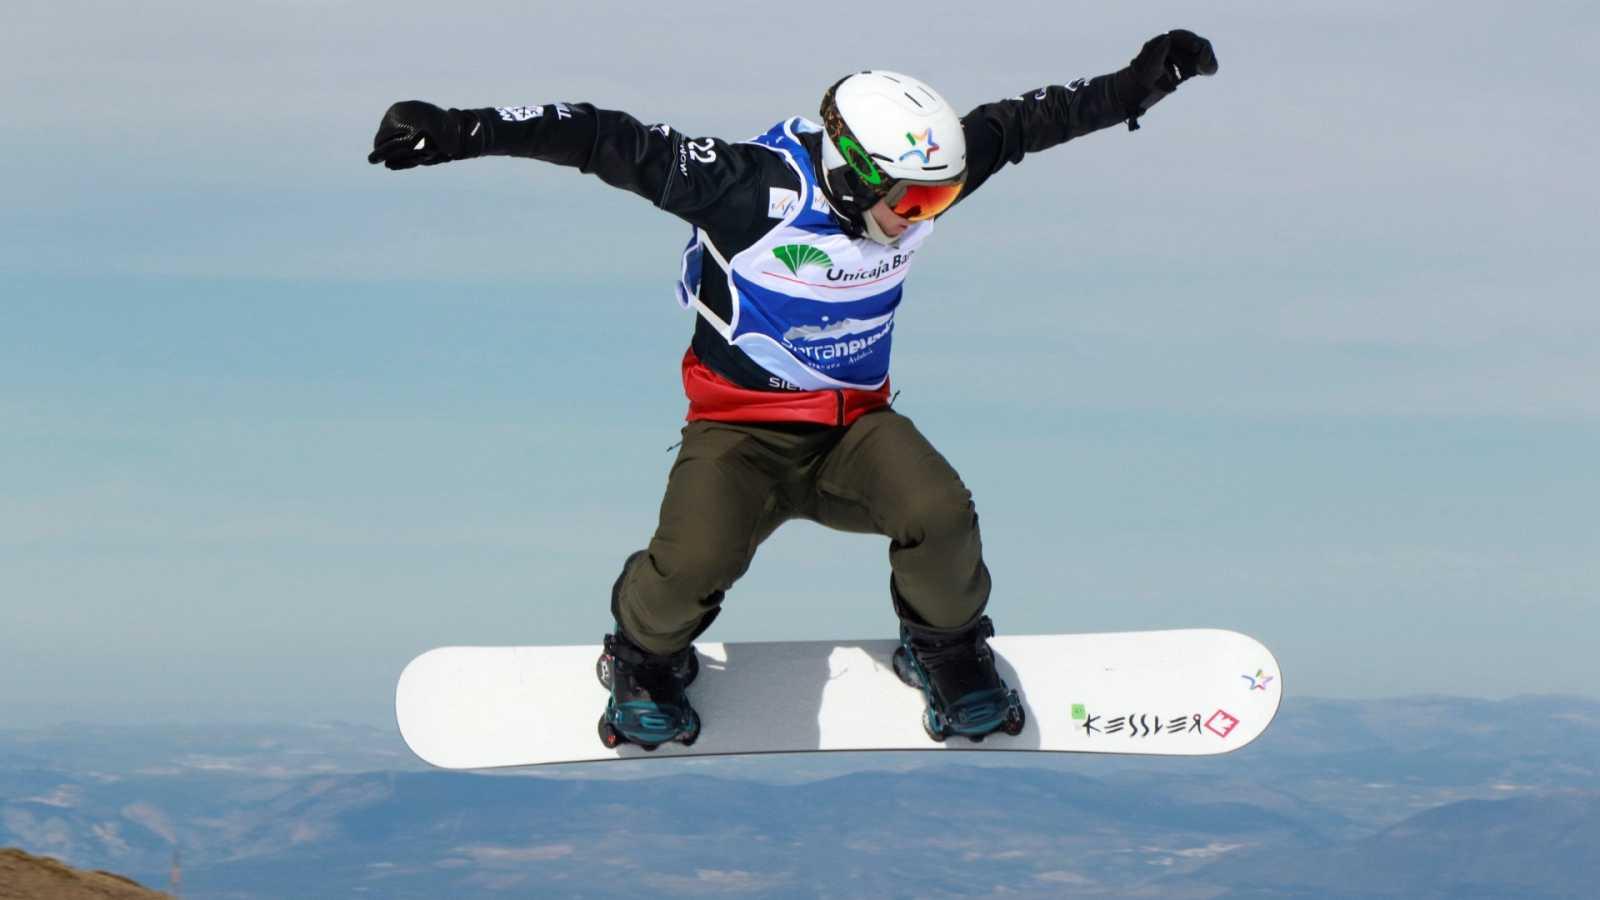 Snowboard - Copa del mundo 2019/2020 Finales Snowboard Cross. Prueba Sierra Nevada - ver ahora